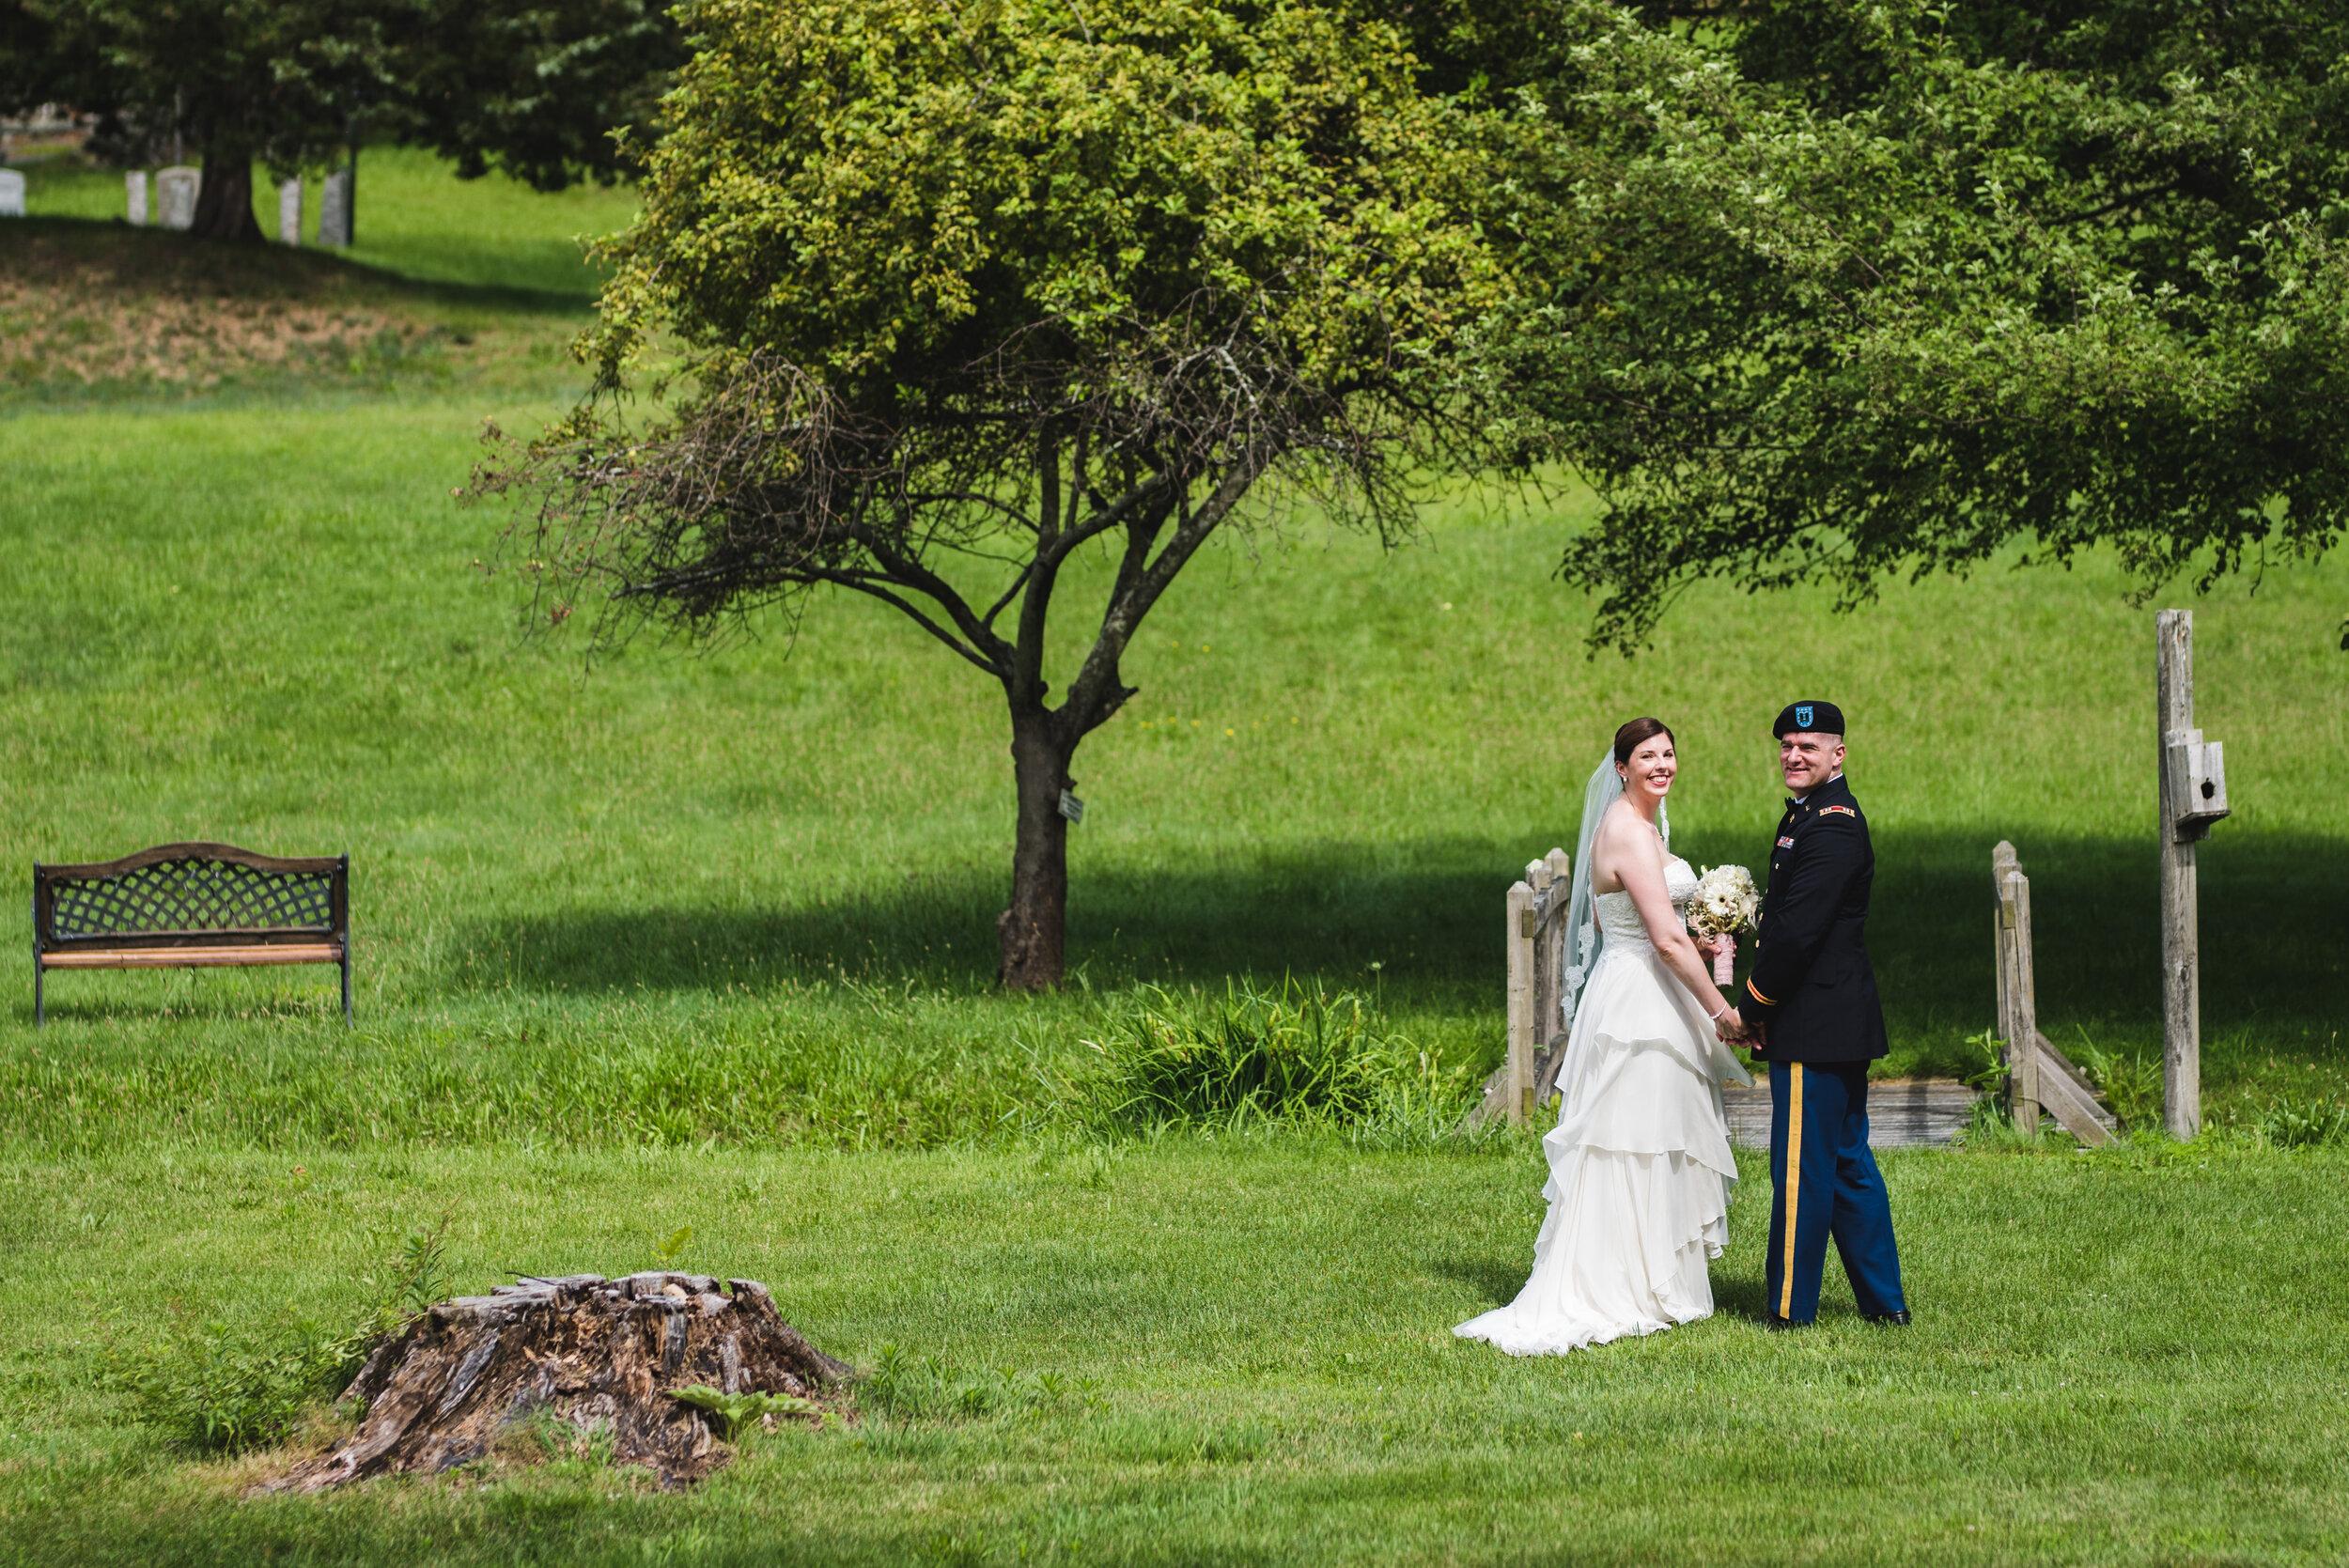 Caitlin & Jon - Caitlin and Jon's beautiful summer wedding in Jamestown, RI.